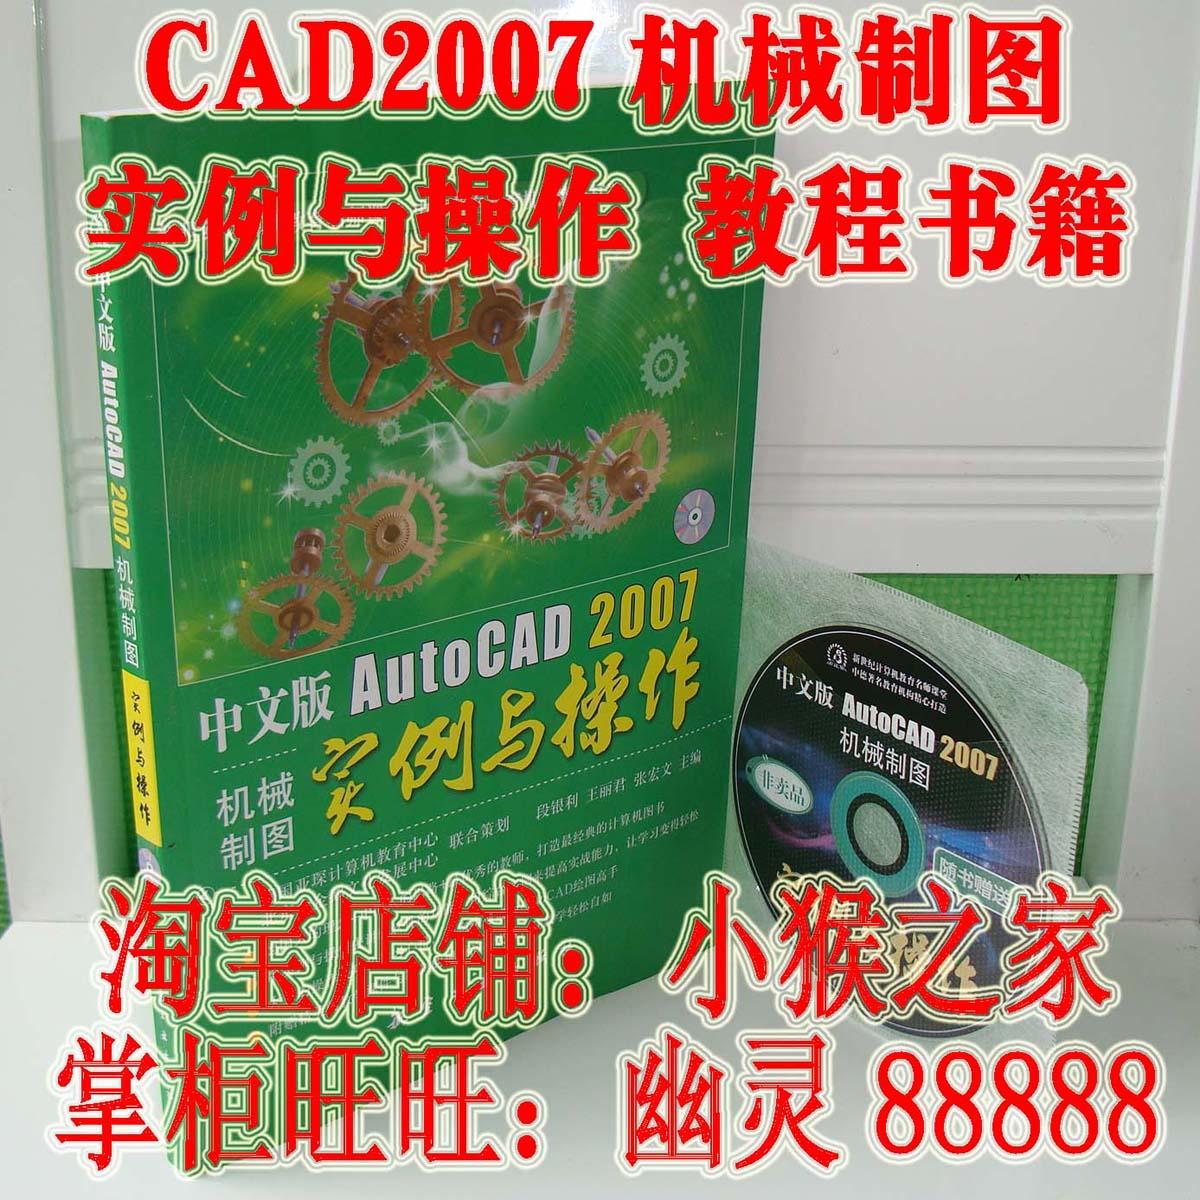 Печатная продукция Китайская версия AutoCAD 2007 о CAD чертеж прекрасный учебник материал PC/computer